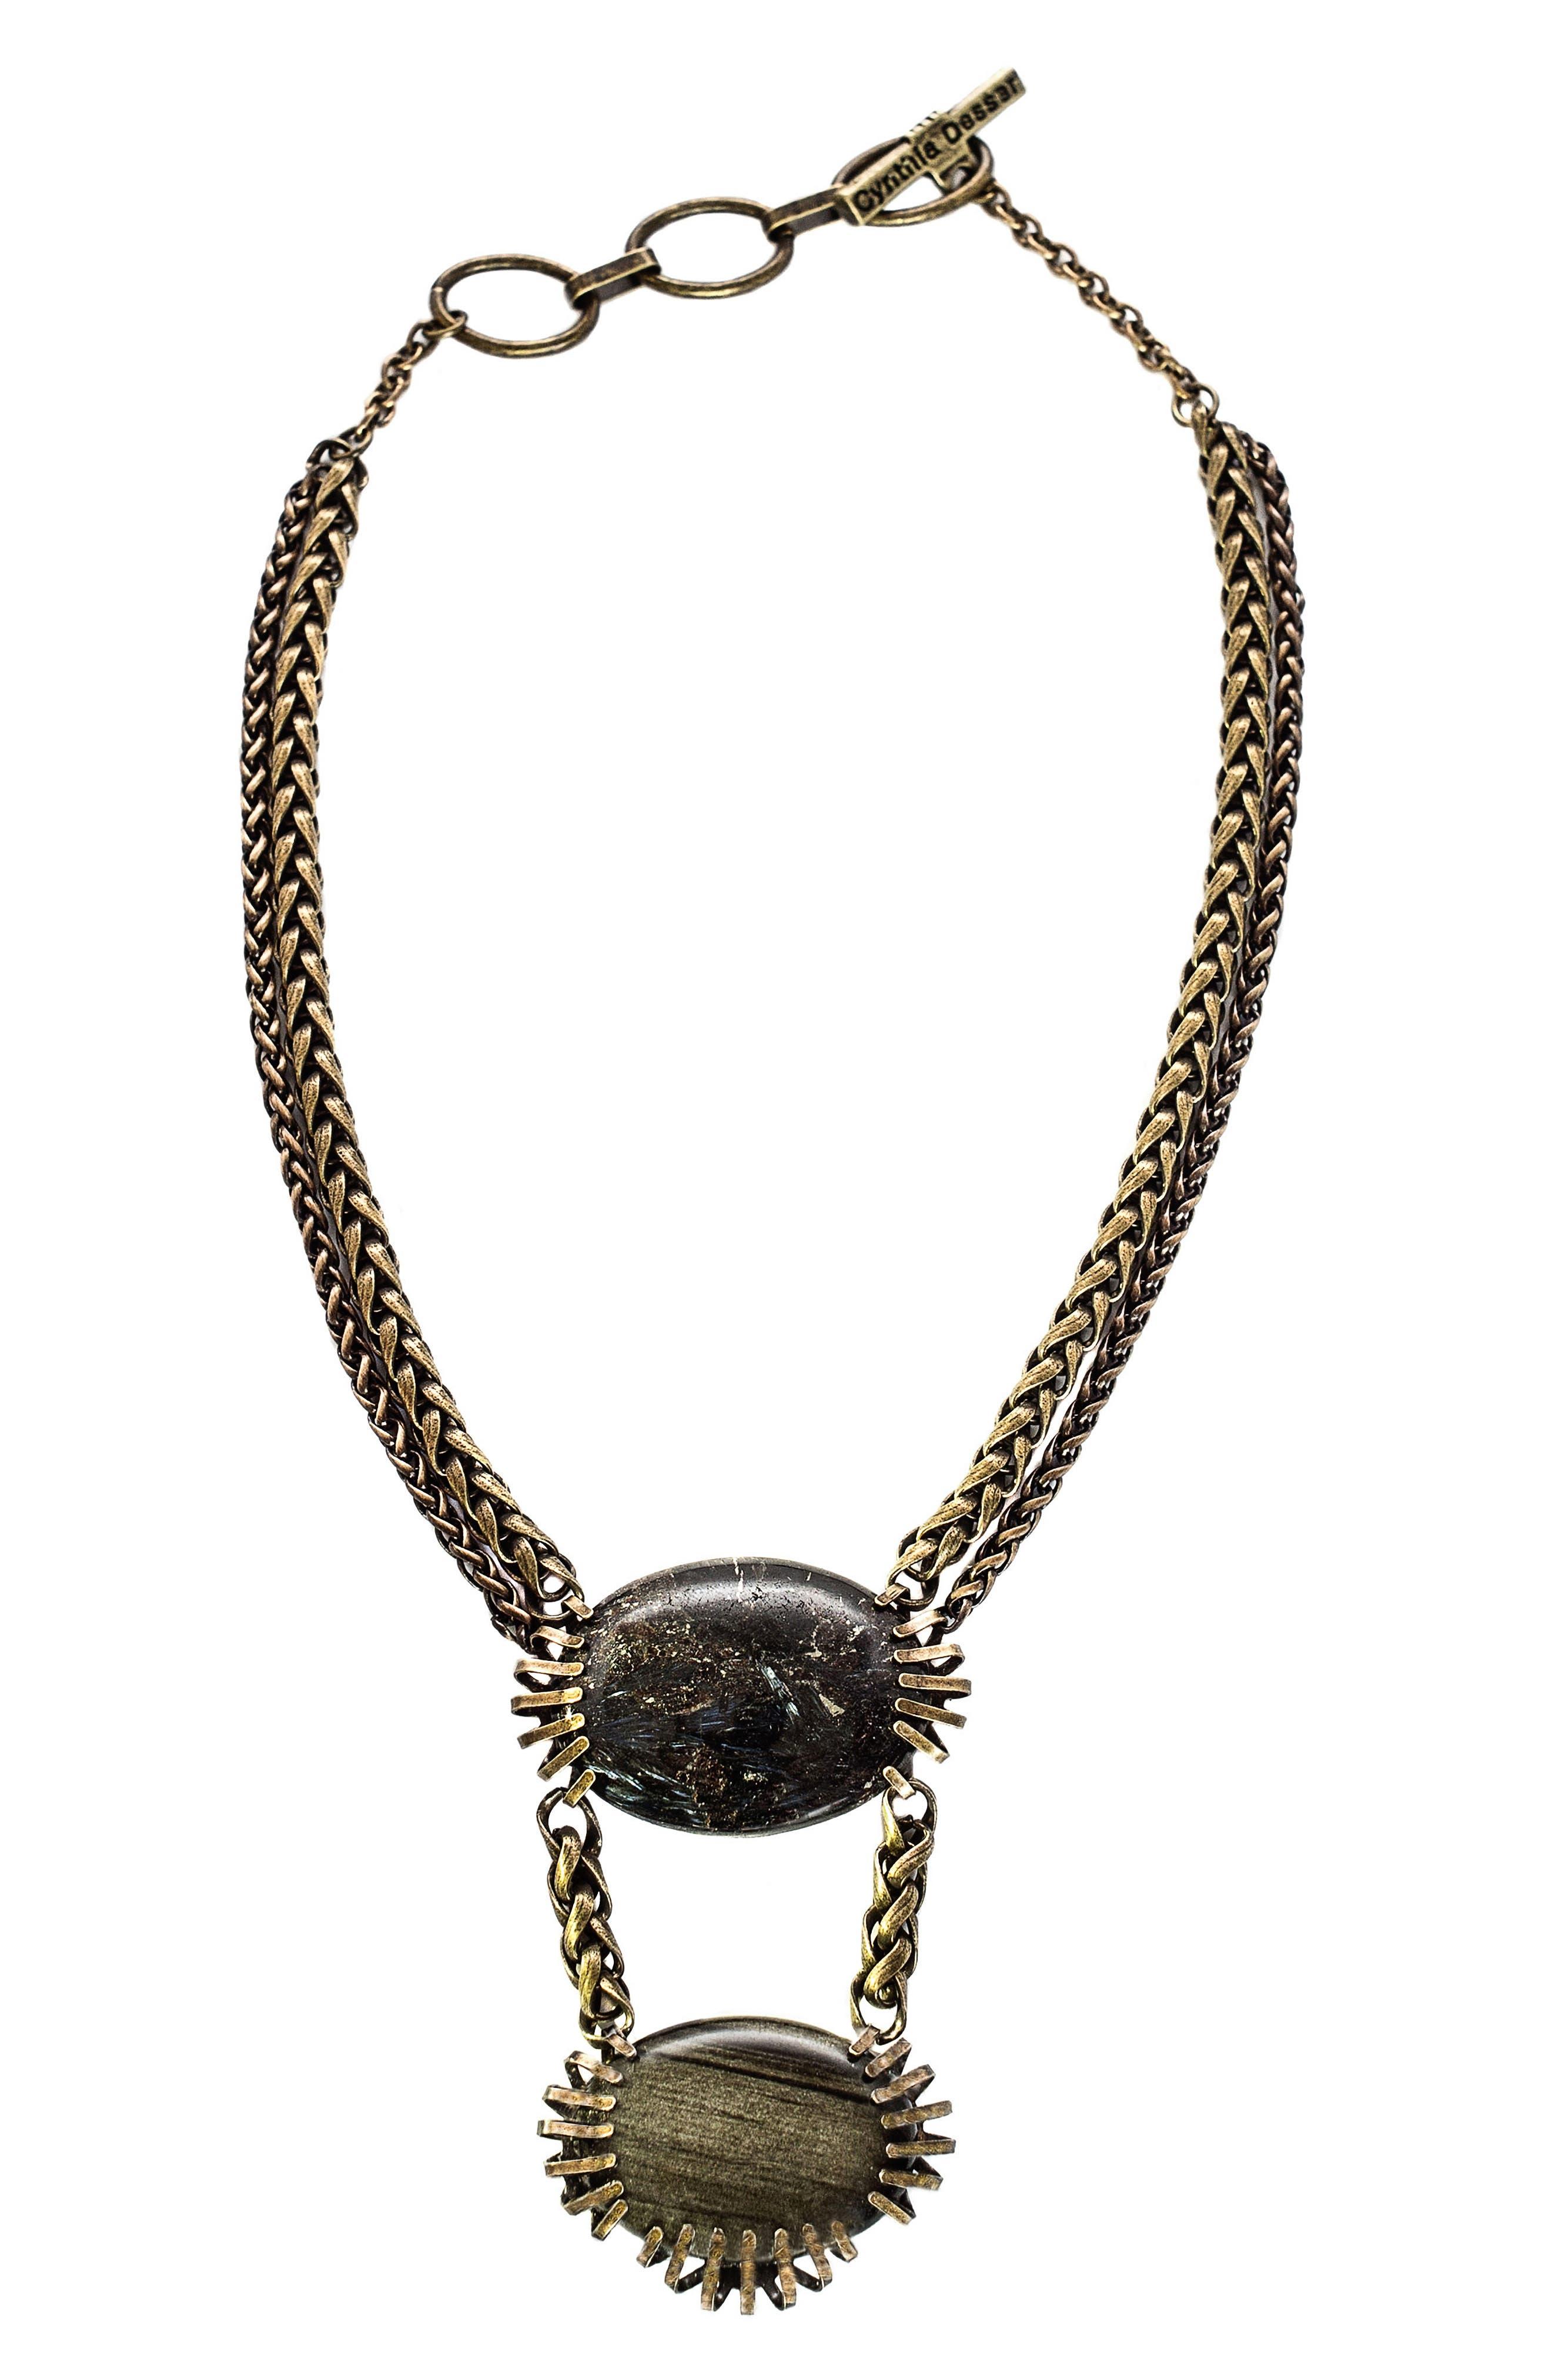 Feldspar Pendant Necklace,                             Main thumbnail 1, color,                             710